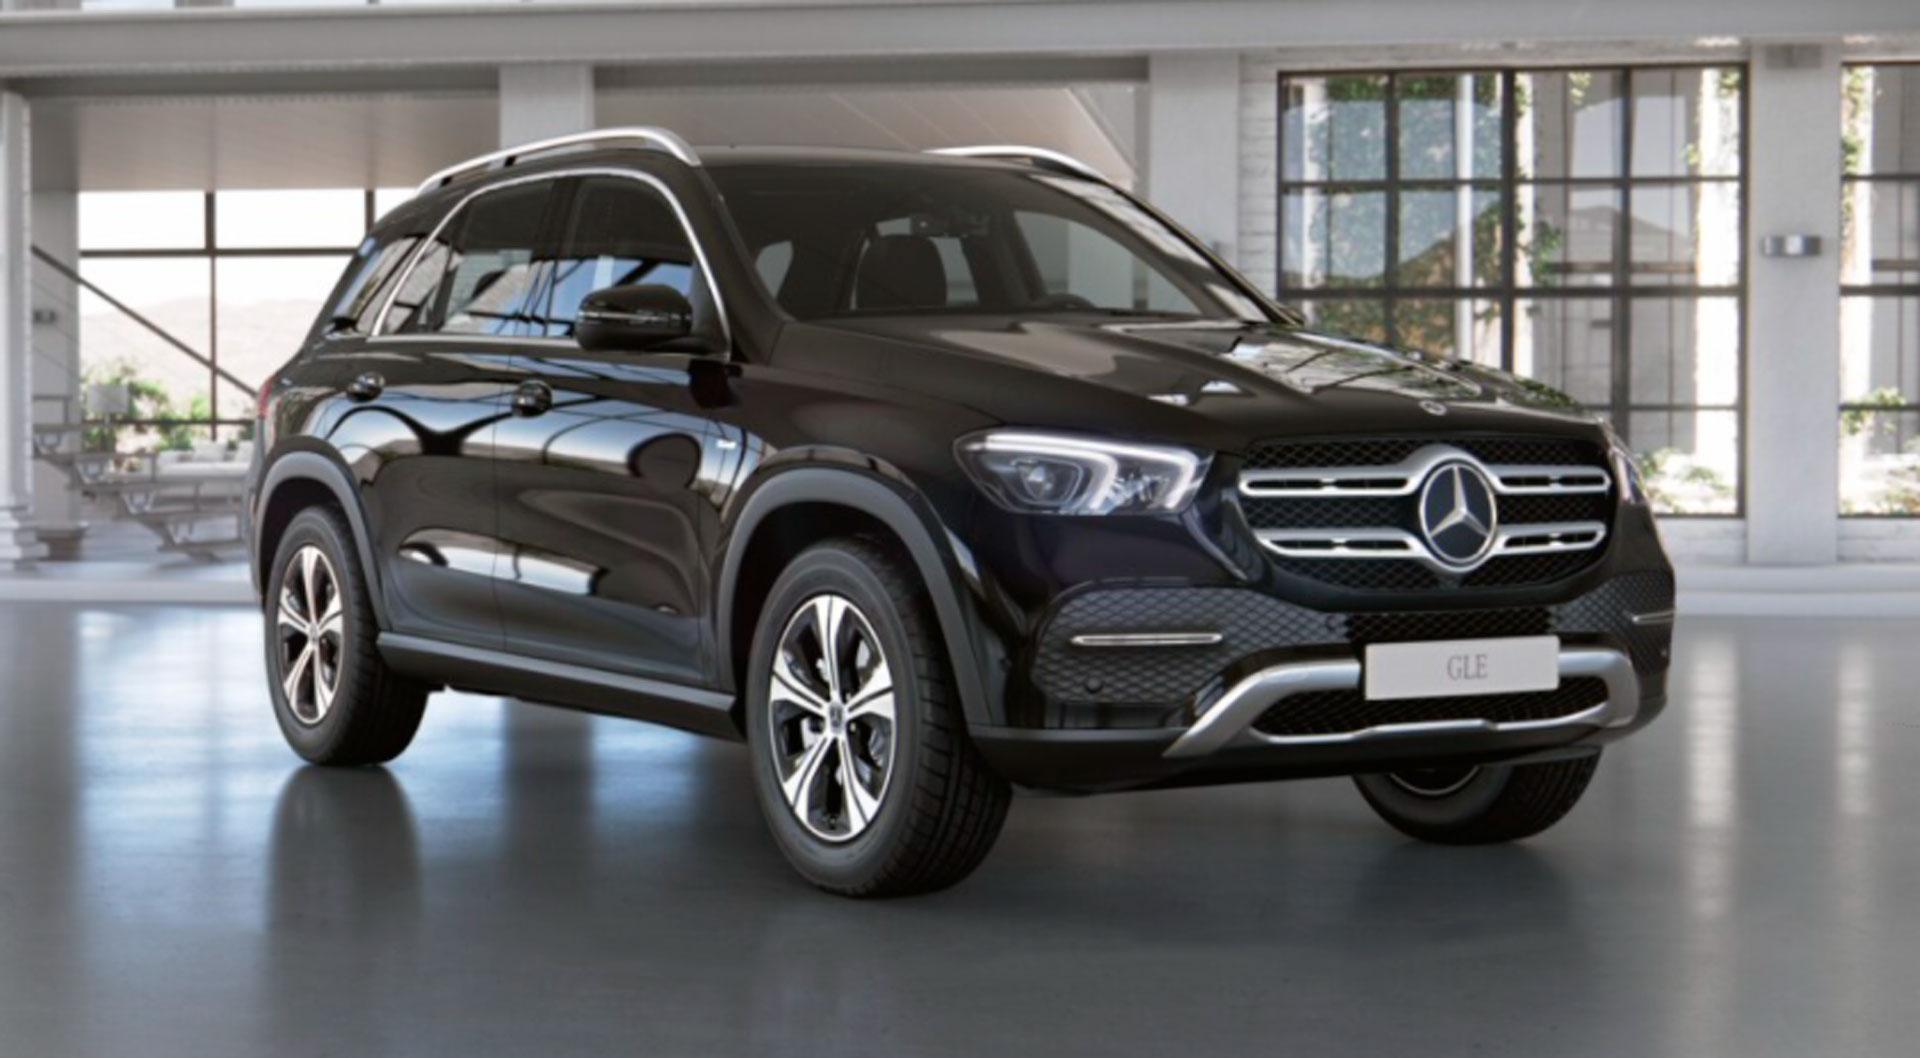 Mercedes-Benz GLE-Class 0152632071